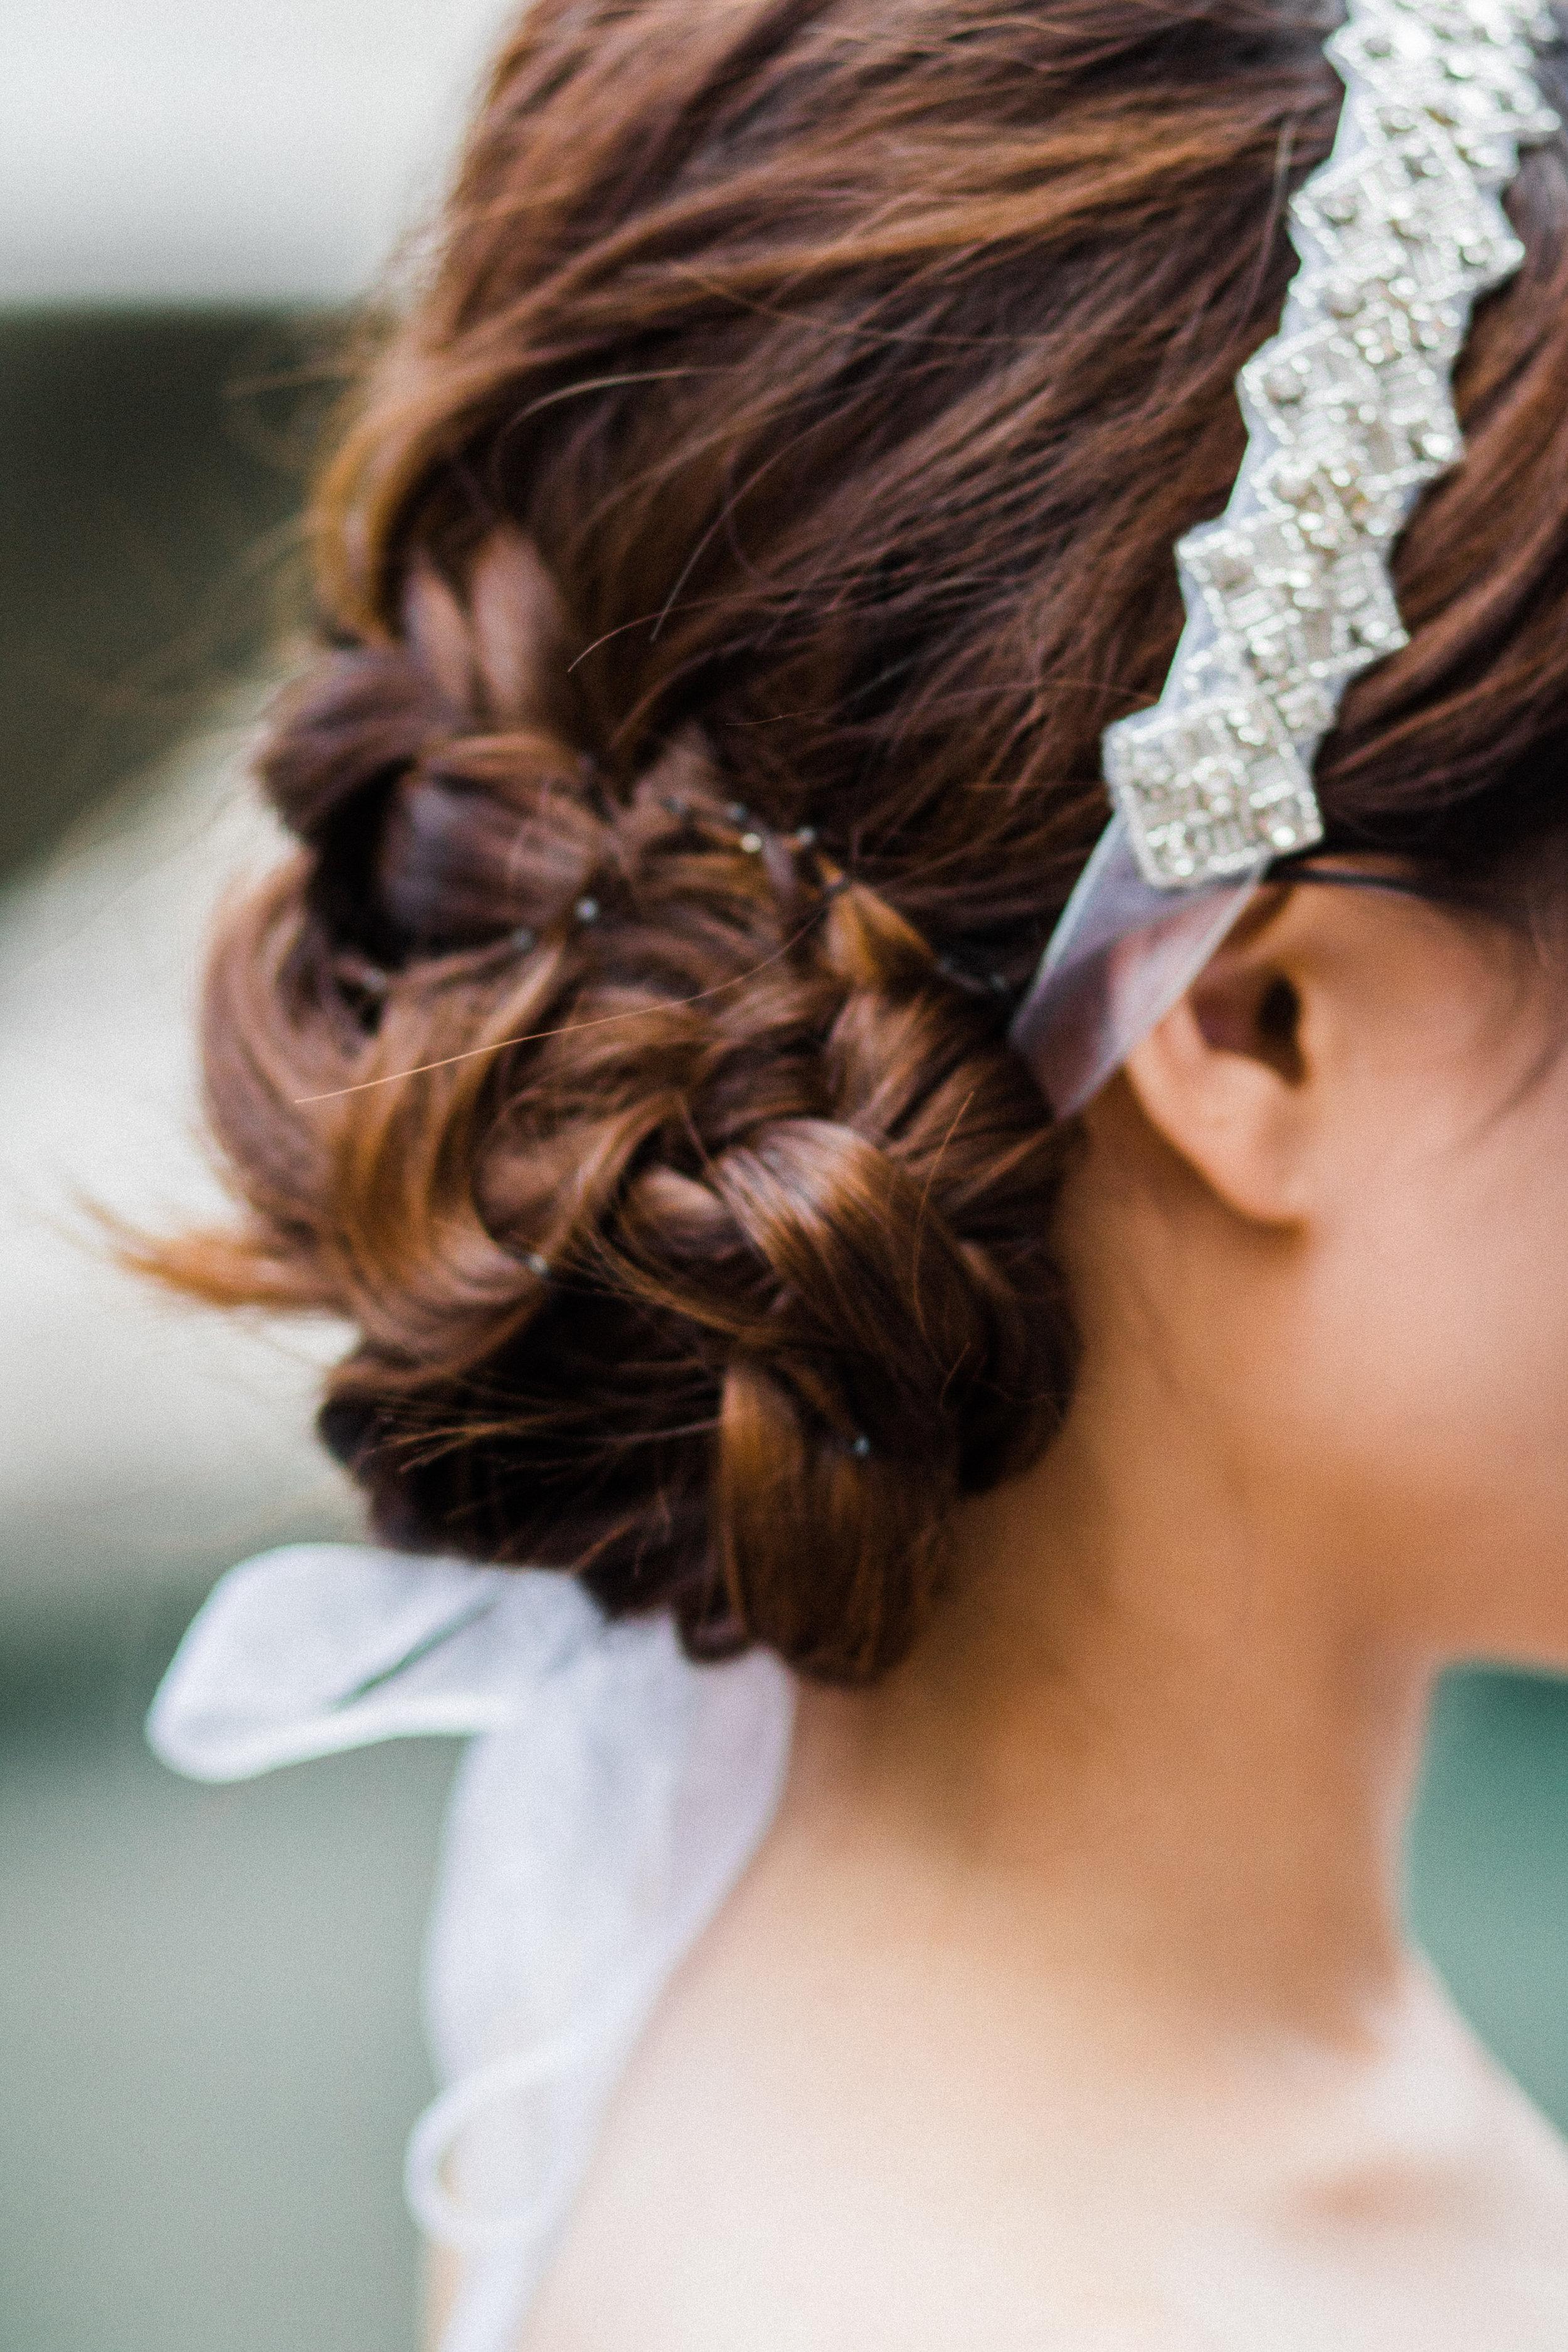 venice-wedding-photographer-stefano-degirmenci-27.jpg